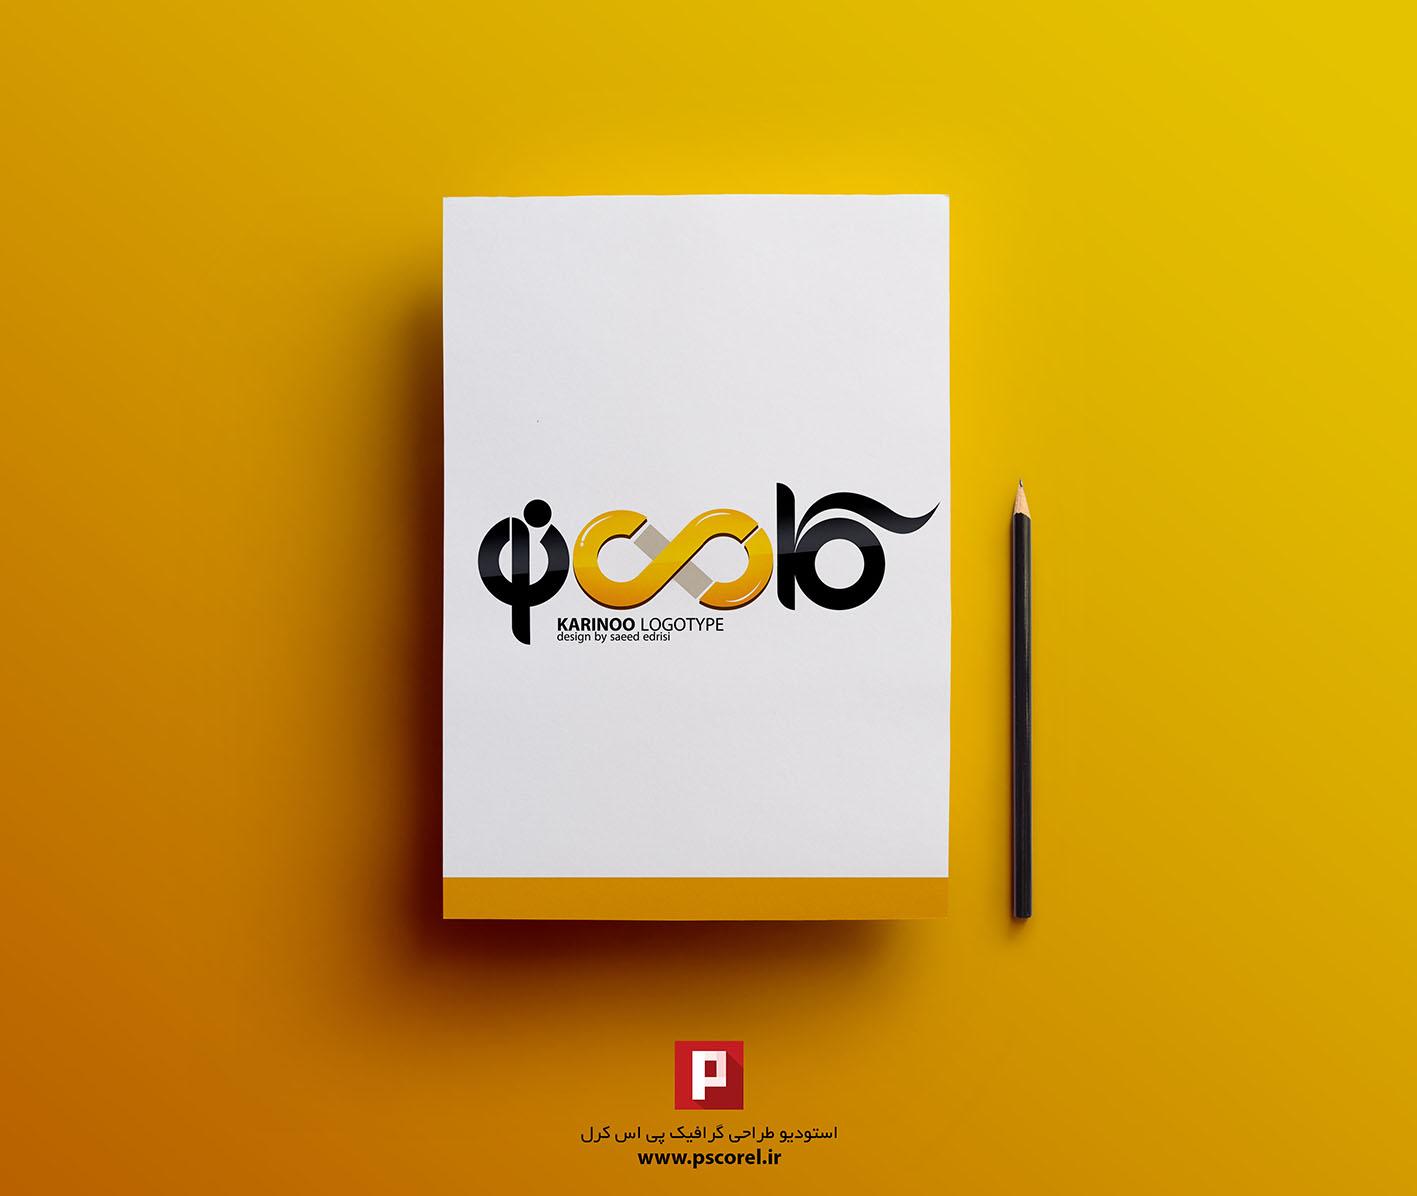 آرم و لوگو :: وبلاگ شخصی سعید ادریسیپروژه طراحی لوگو شرکت کامپیوتری کارینو